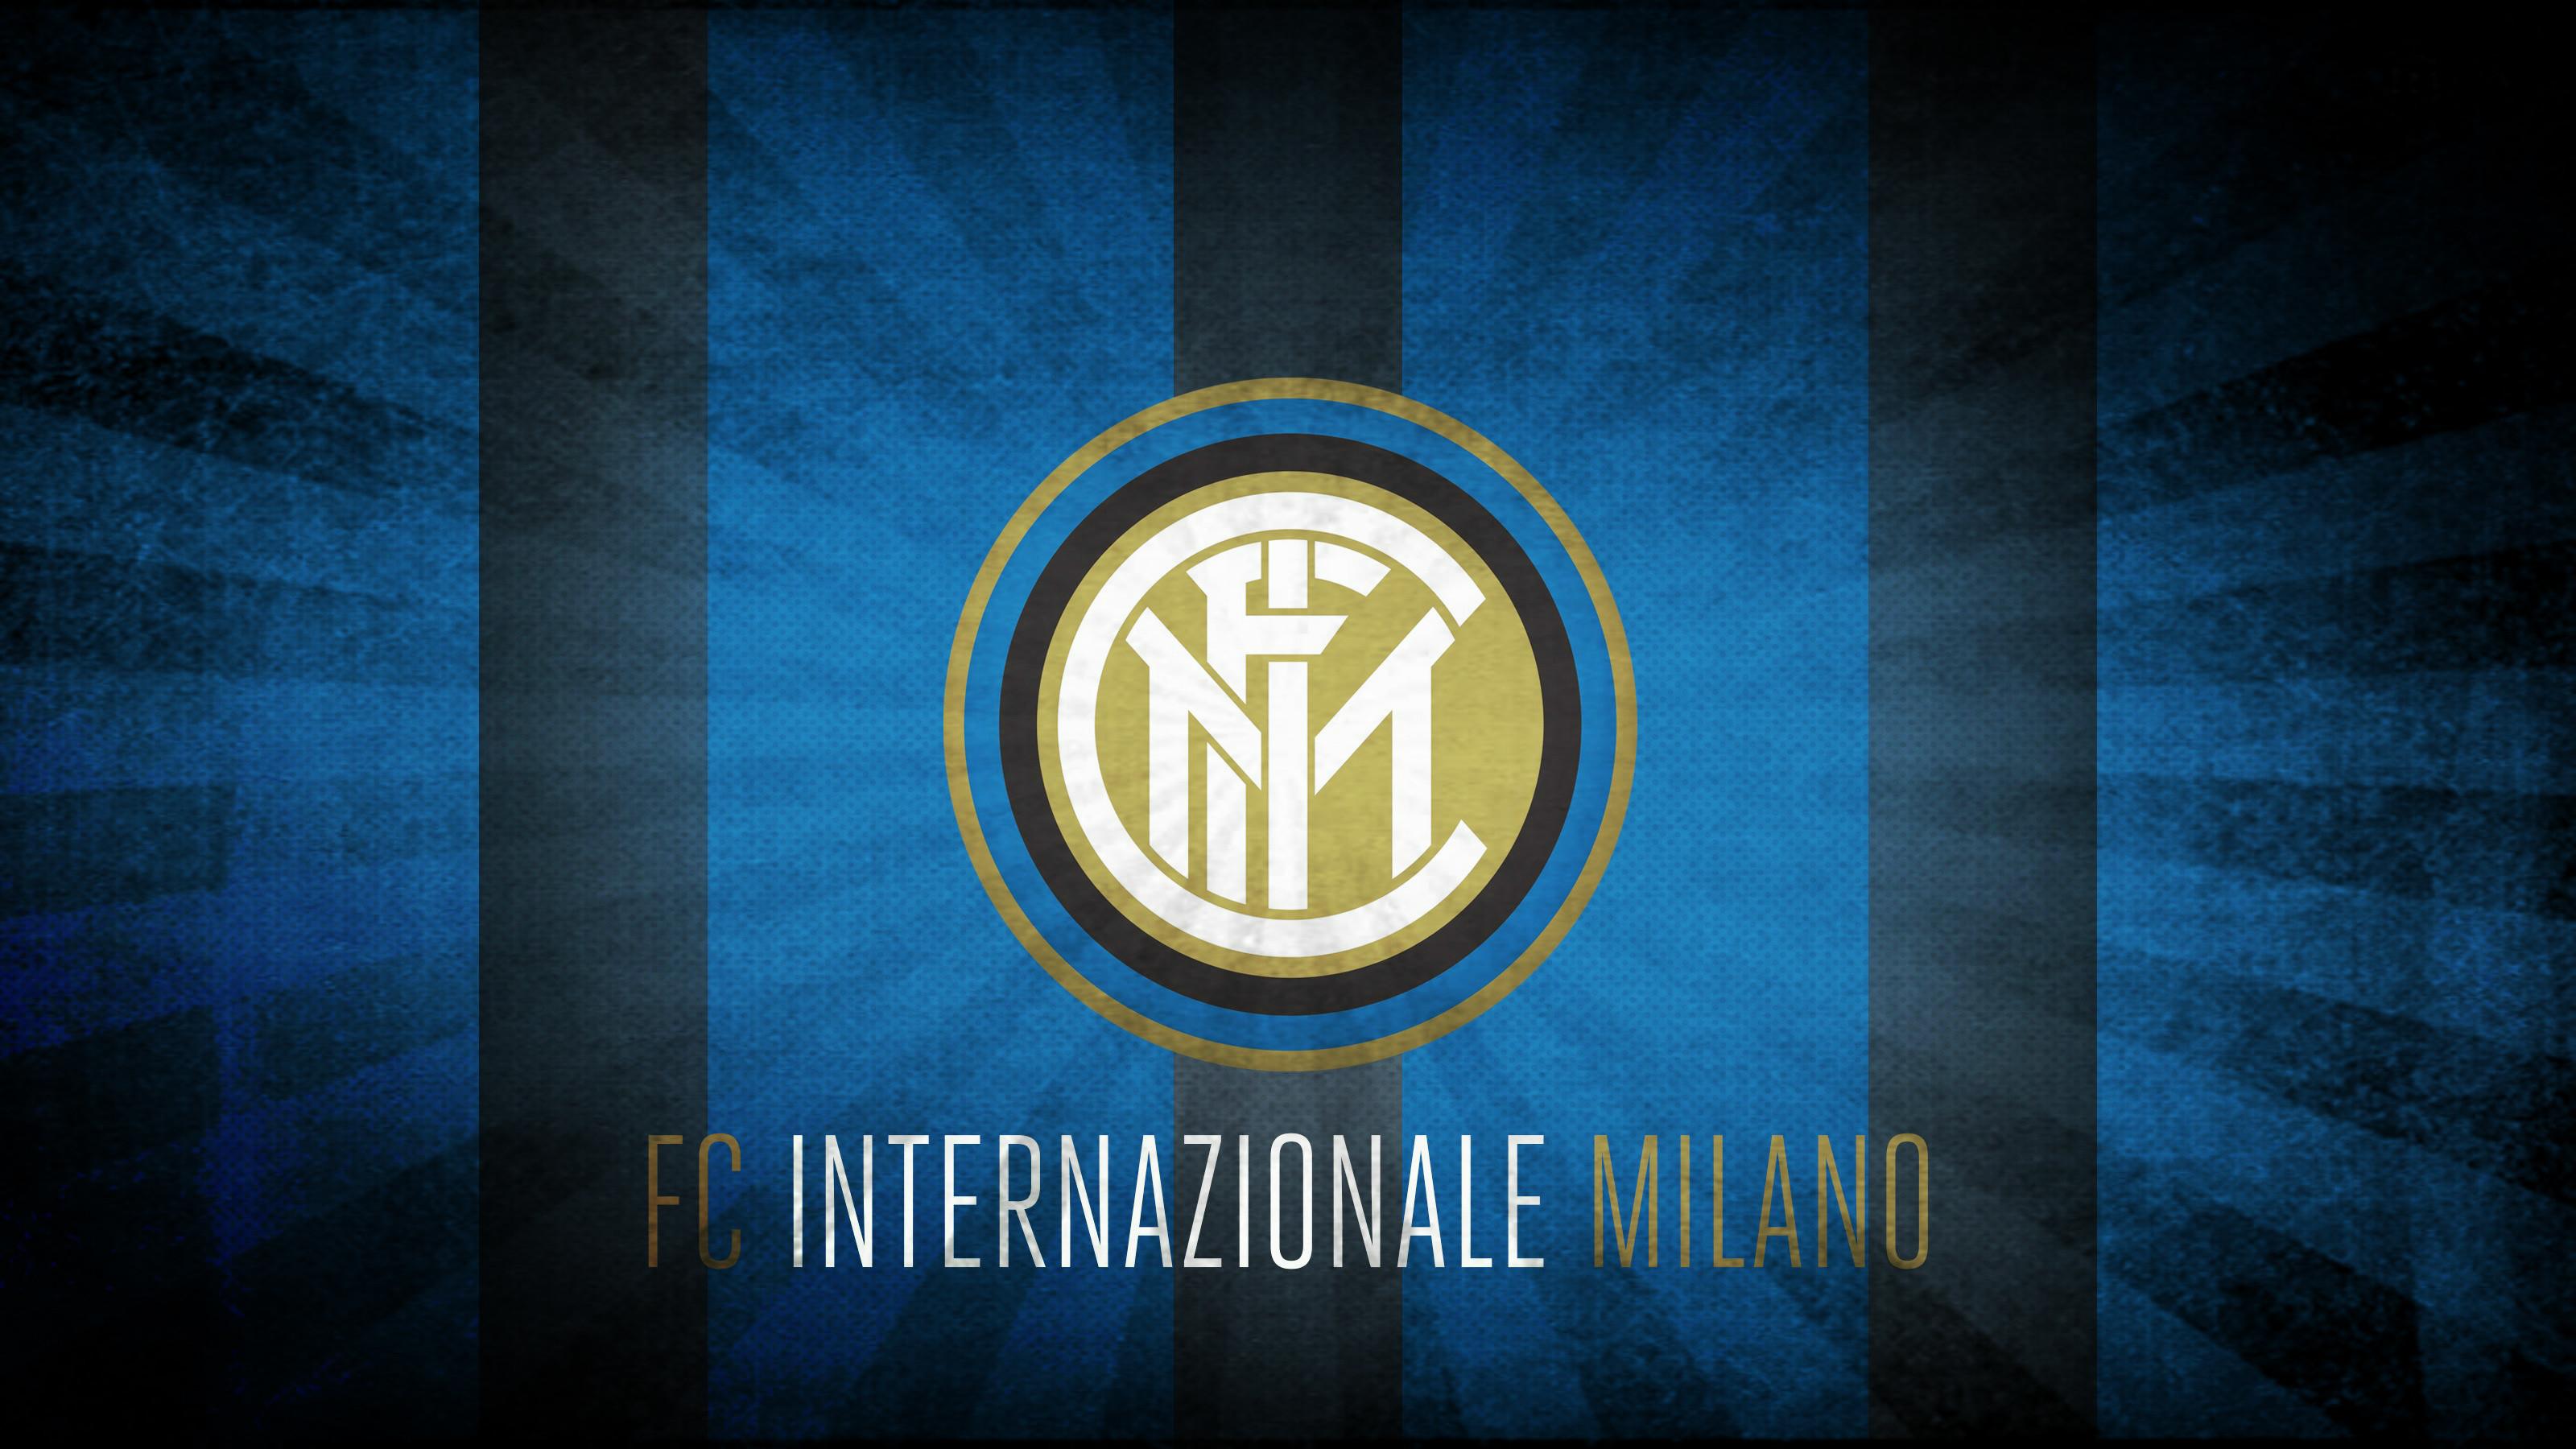 Inter Milan Wallpaper Hd 66 Images